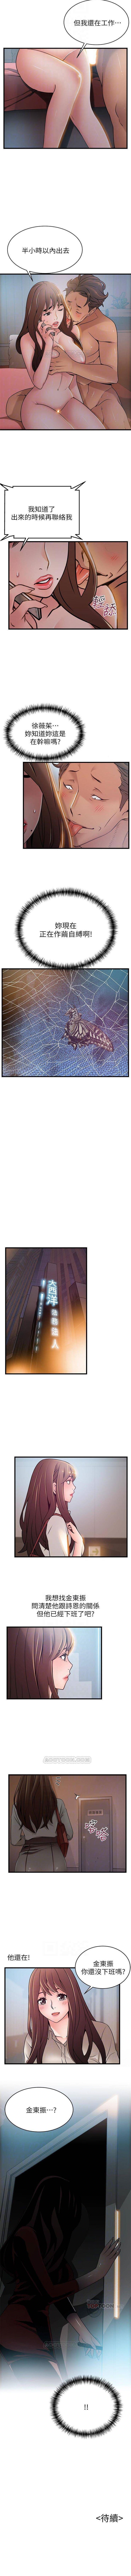 弱点 1-64 中文翻译(更新中) 340